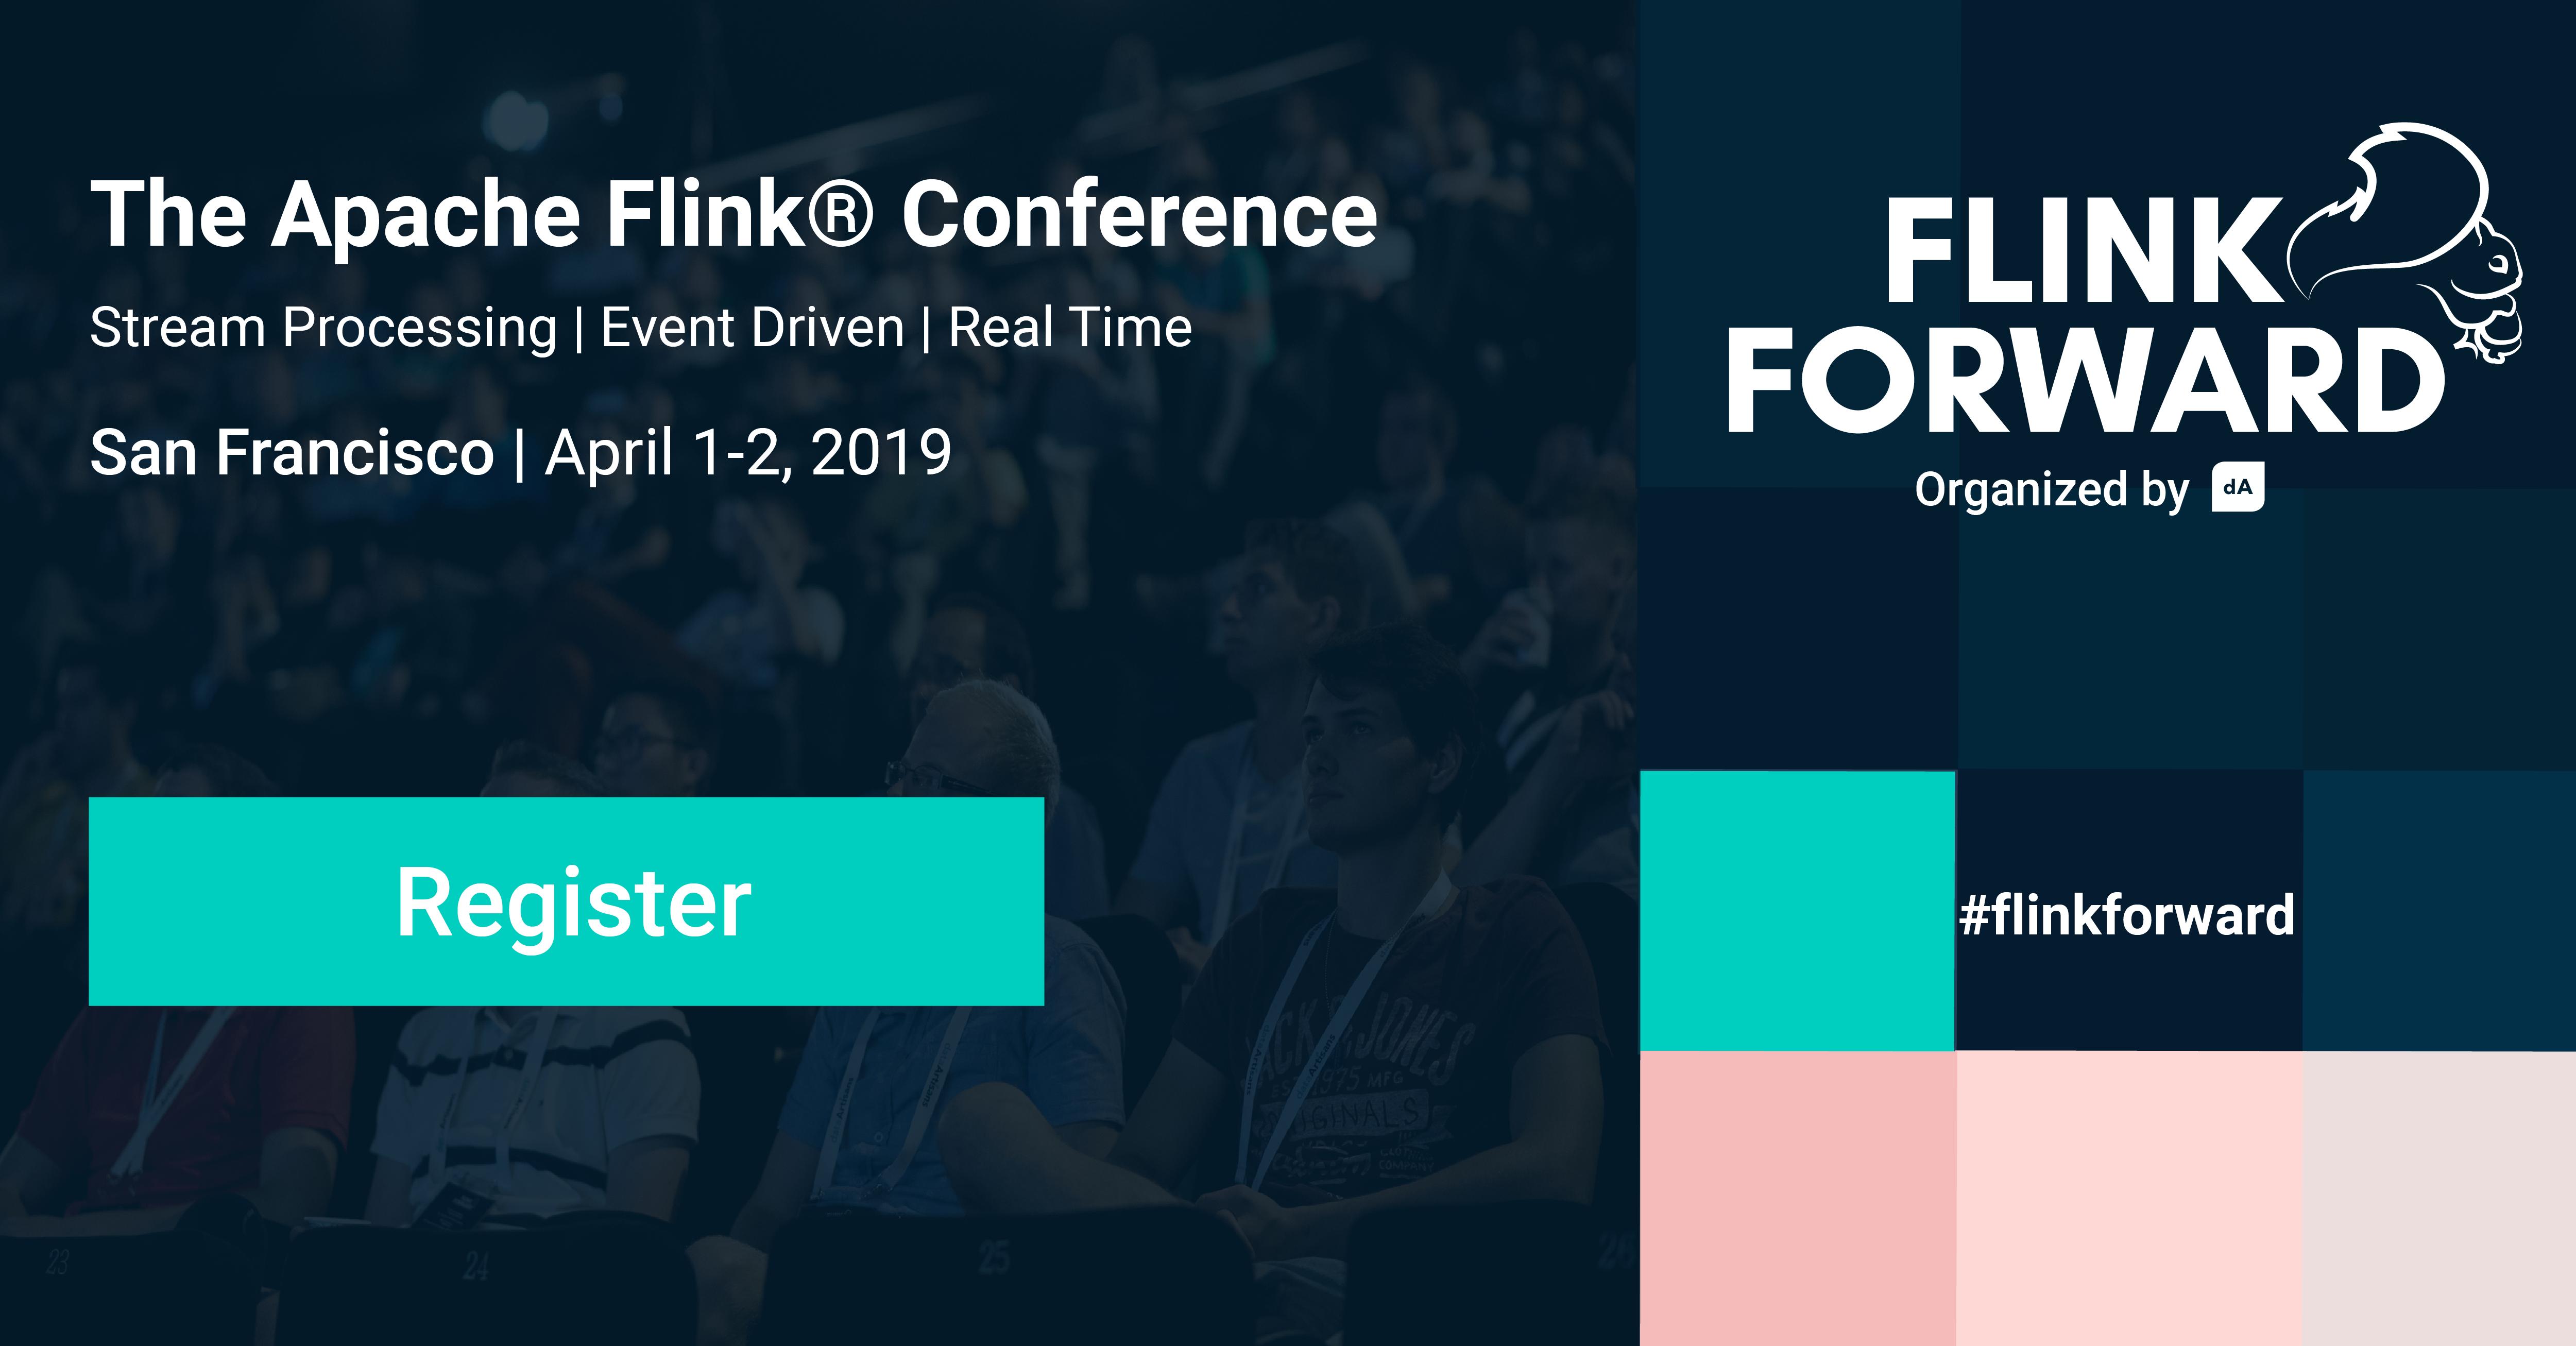 Flink Forward, Apache Flink, Conference, San Francisco